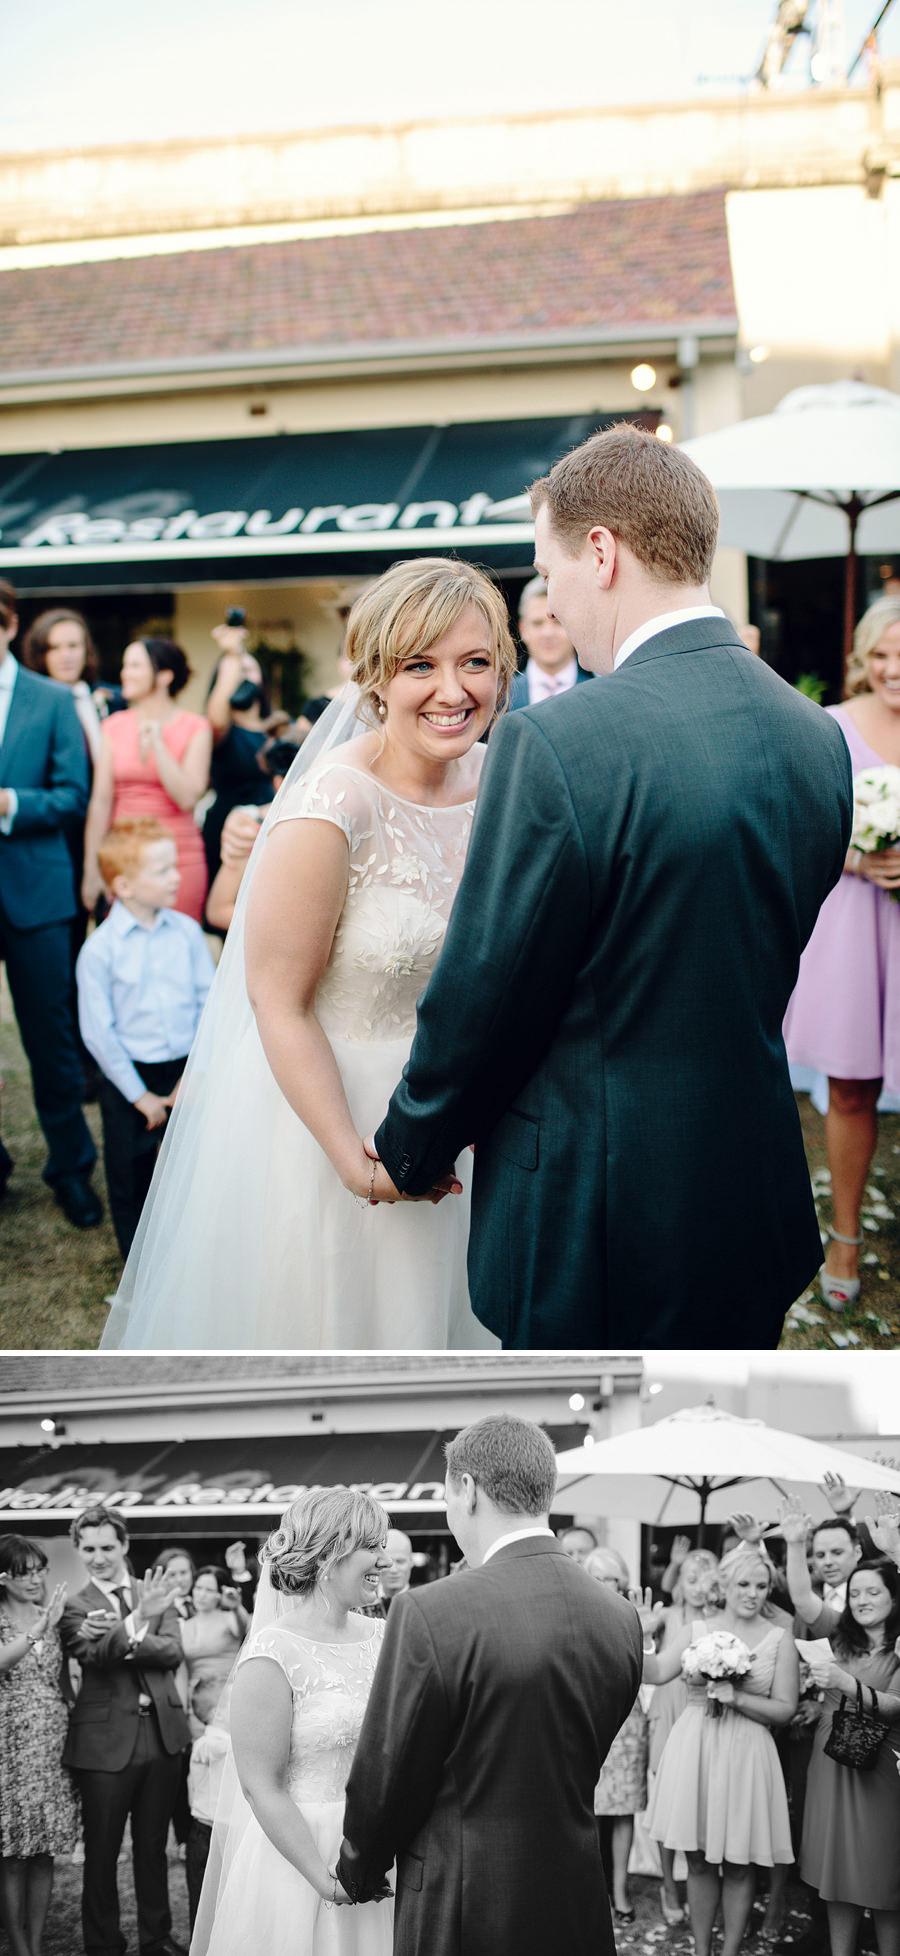 Sydney Wedding Photojournalist: Ceremony